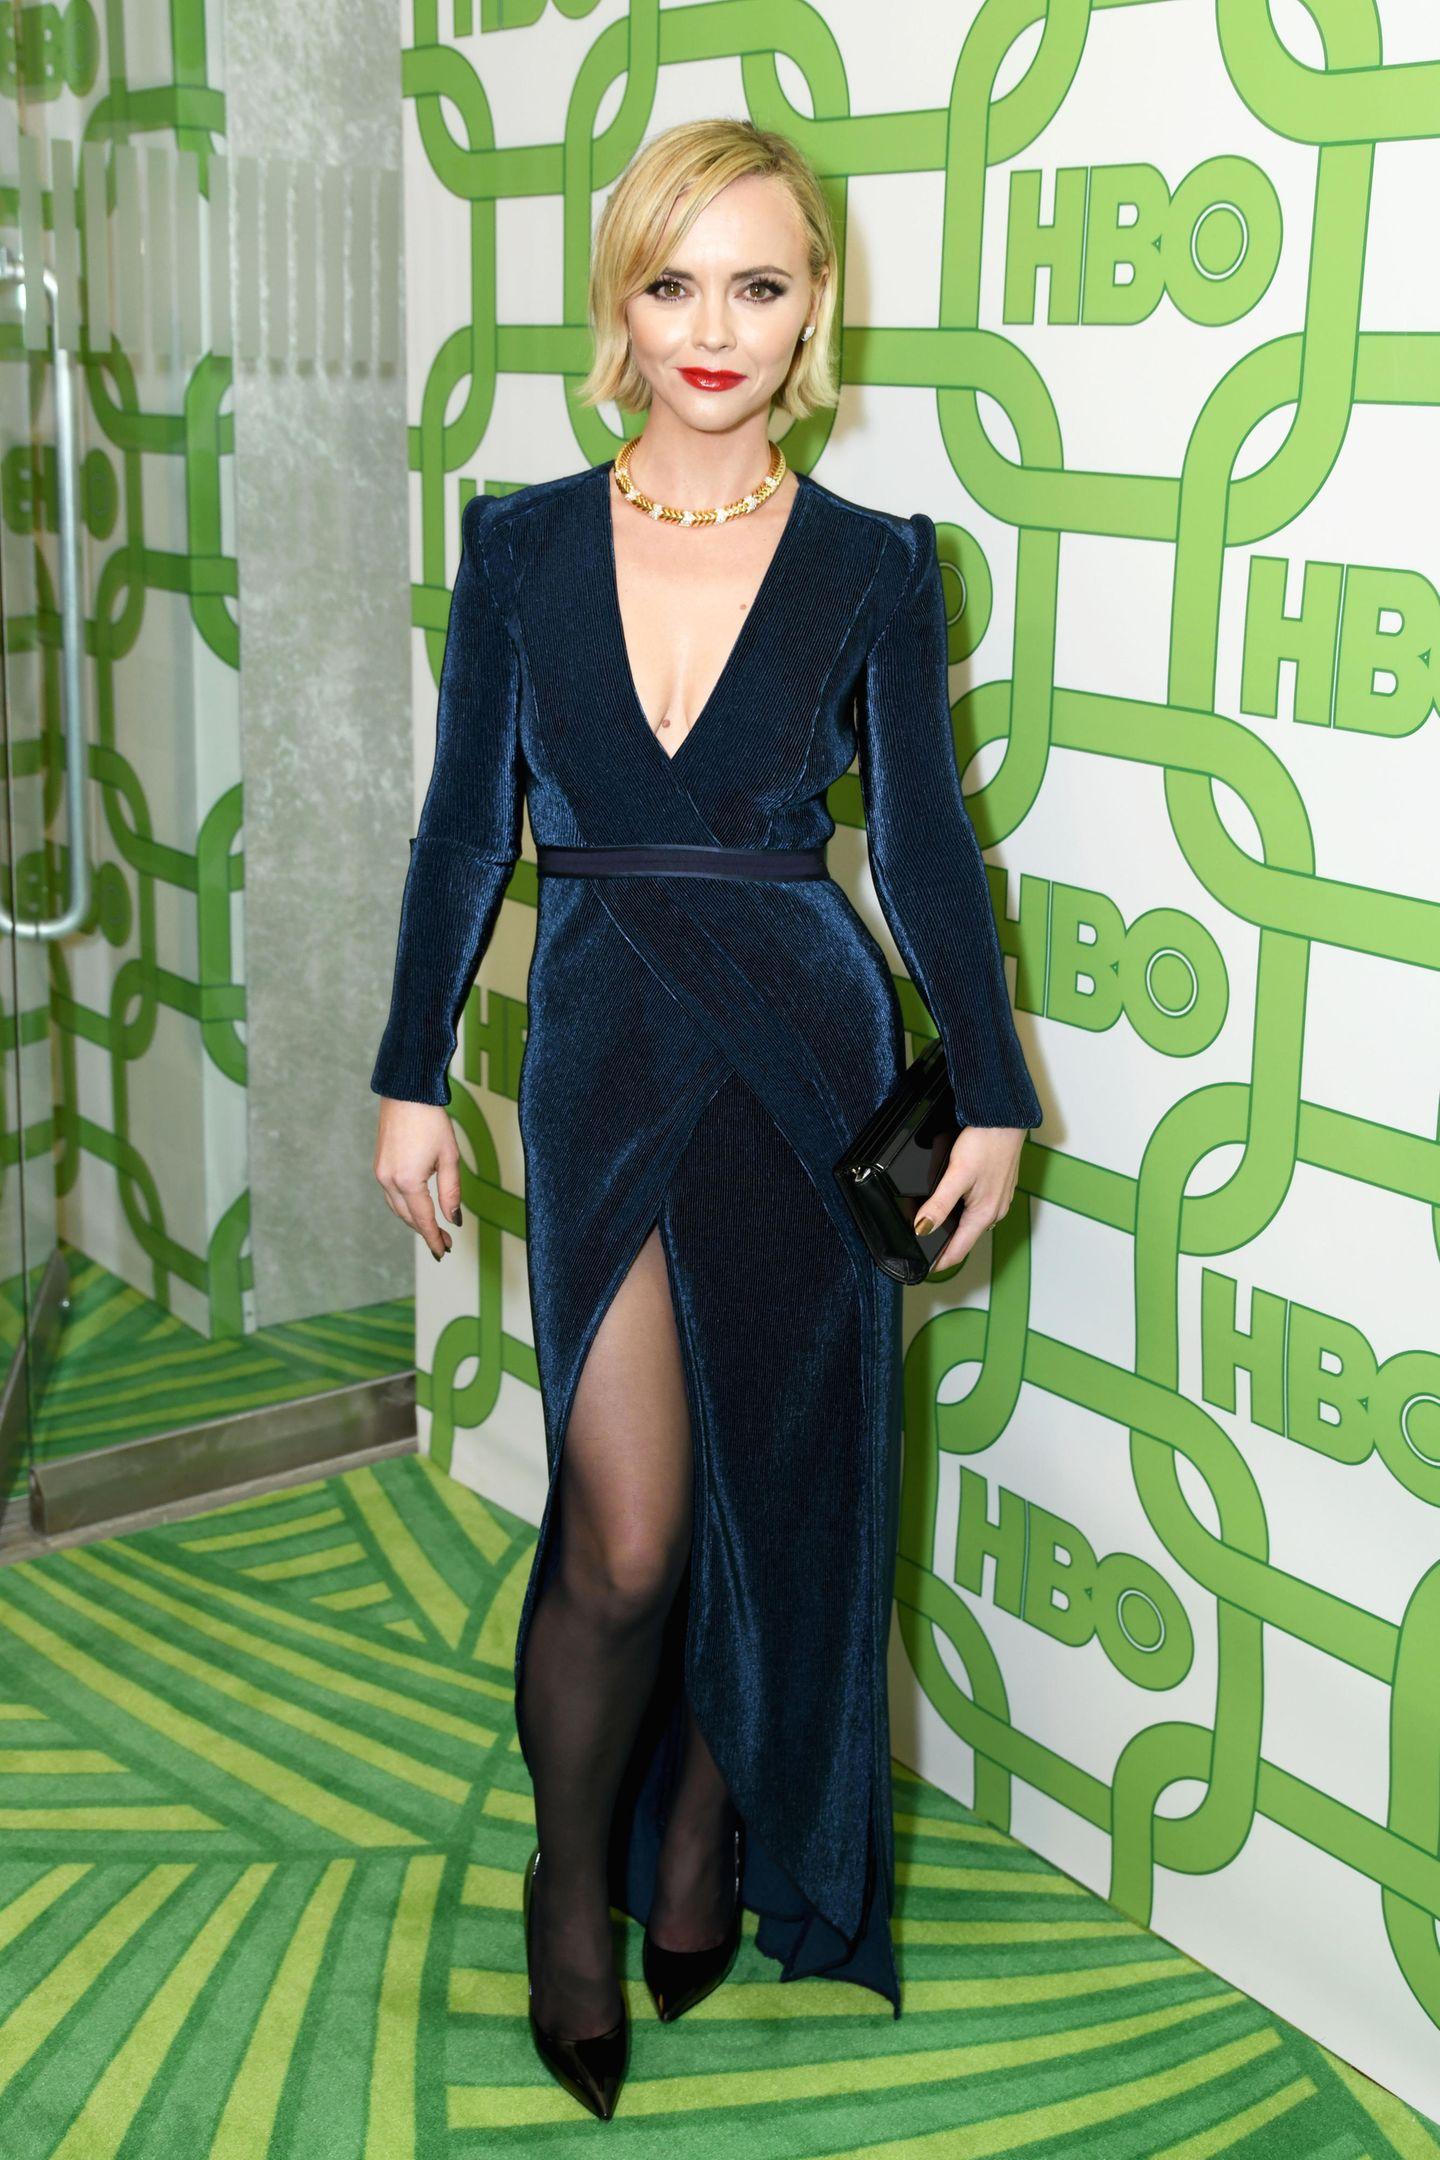 ChristinaRicci bezaubert bei der HBO-Party in blauem Samt.